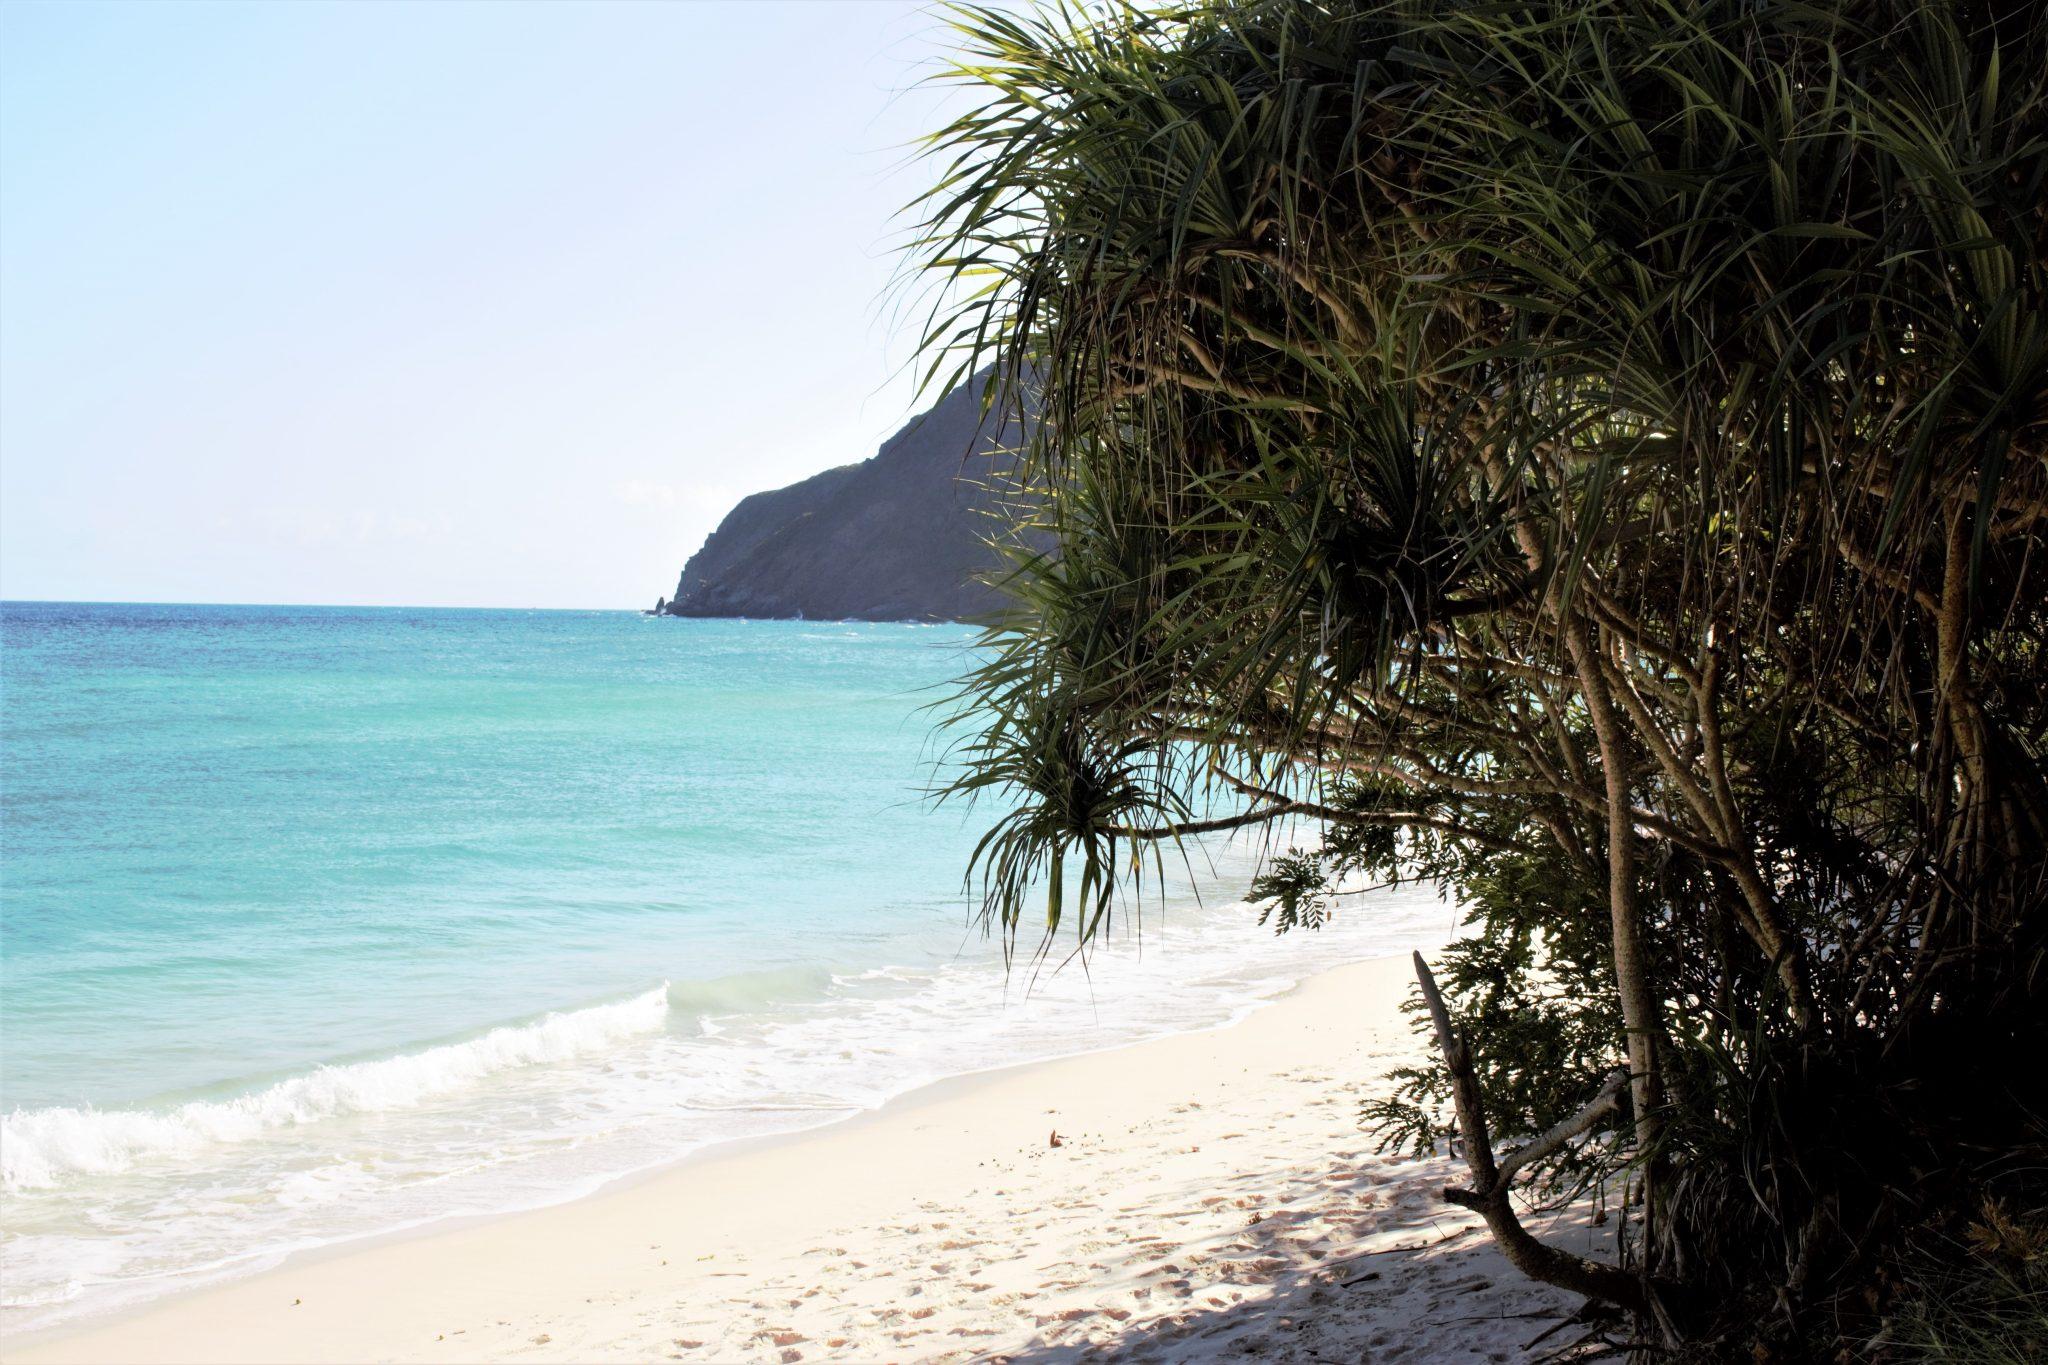 Plastikmüll in Vietnam: Paradisicher Strand auf Hon Bai